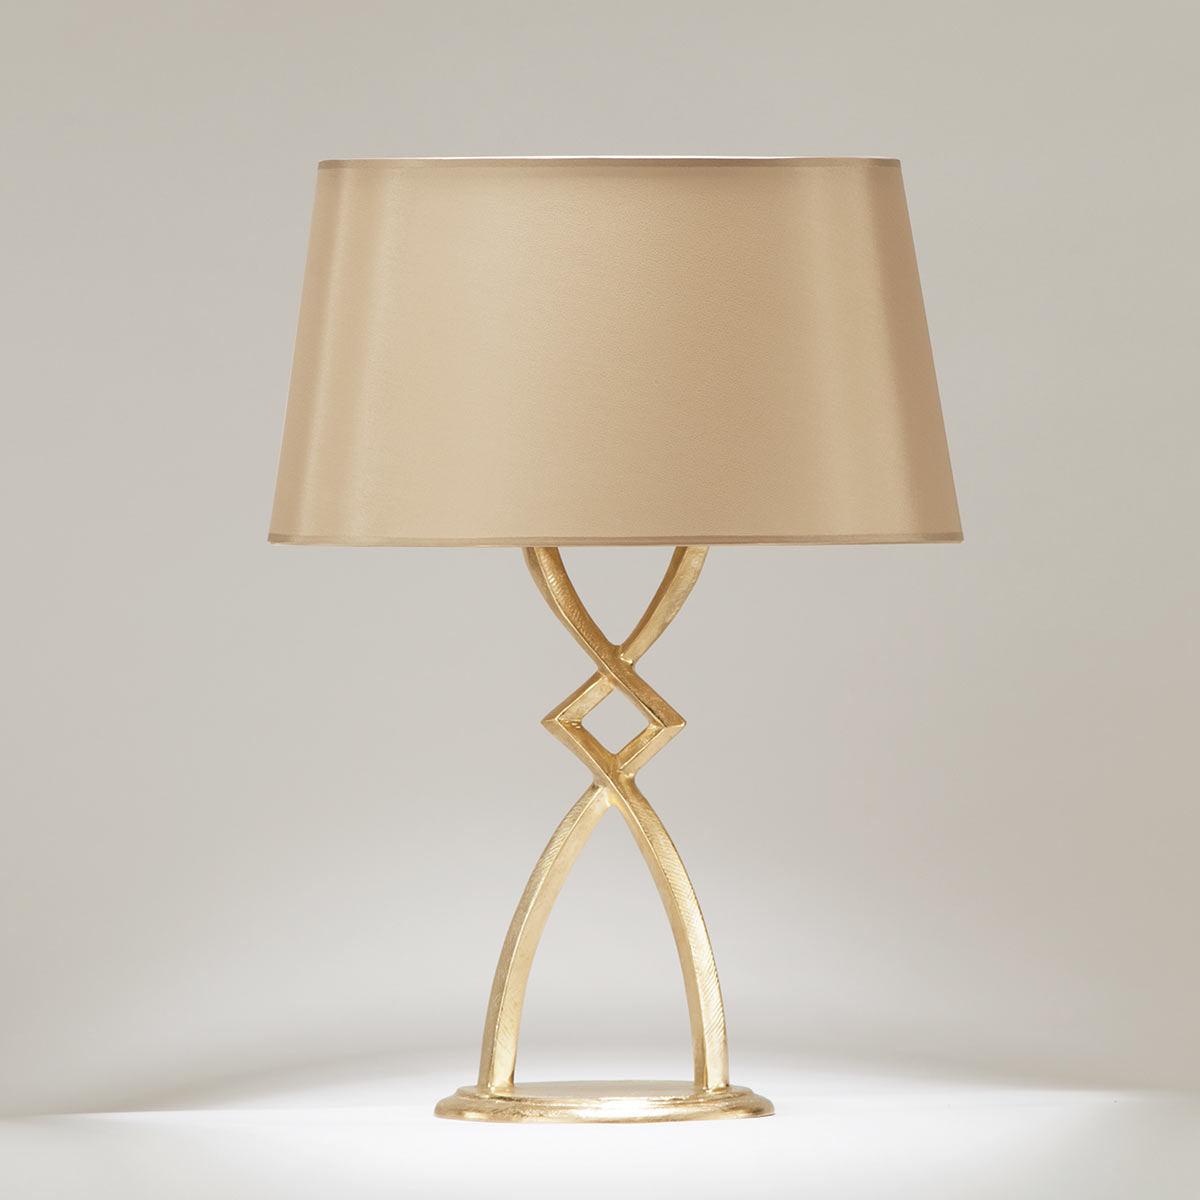 bronzeguss tischleuchte mona mit stoffschirm casa lumi. Black Bedroom Furniture Sets. Home Design Ideas